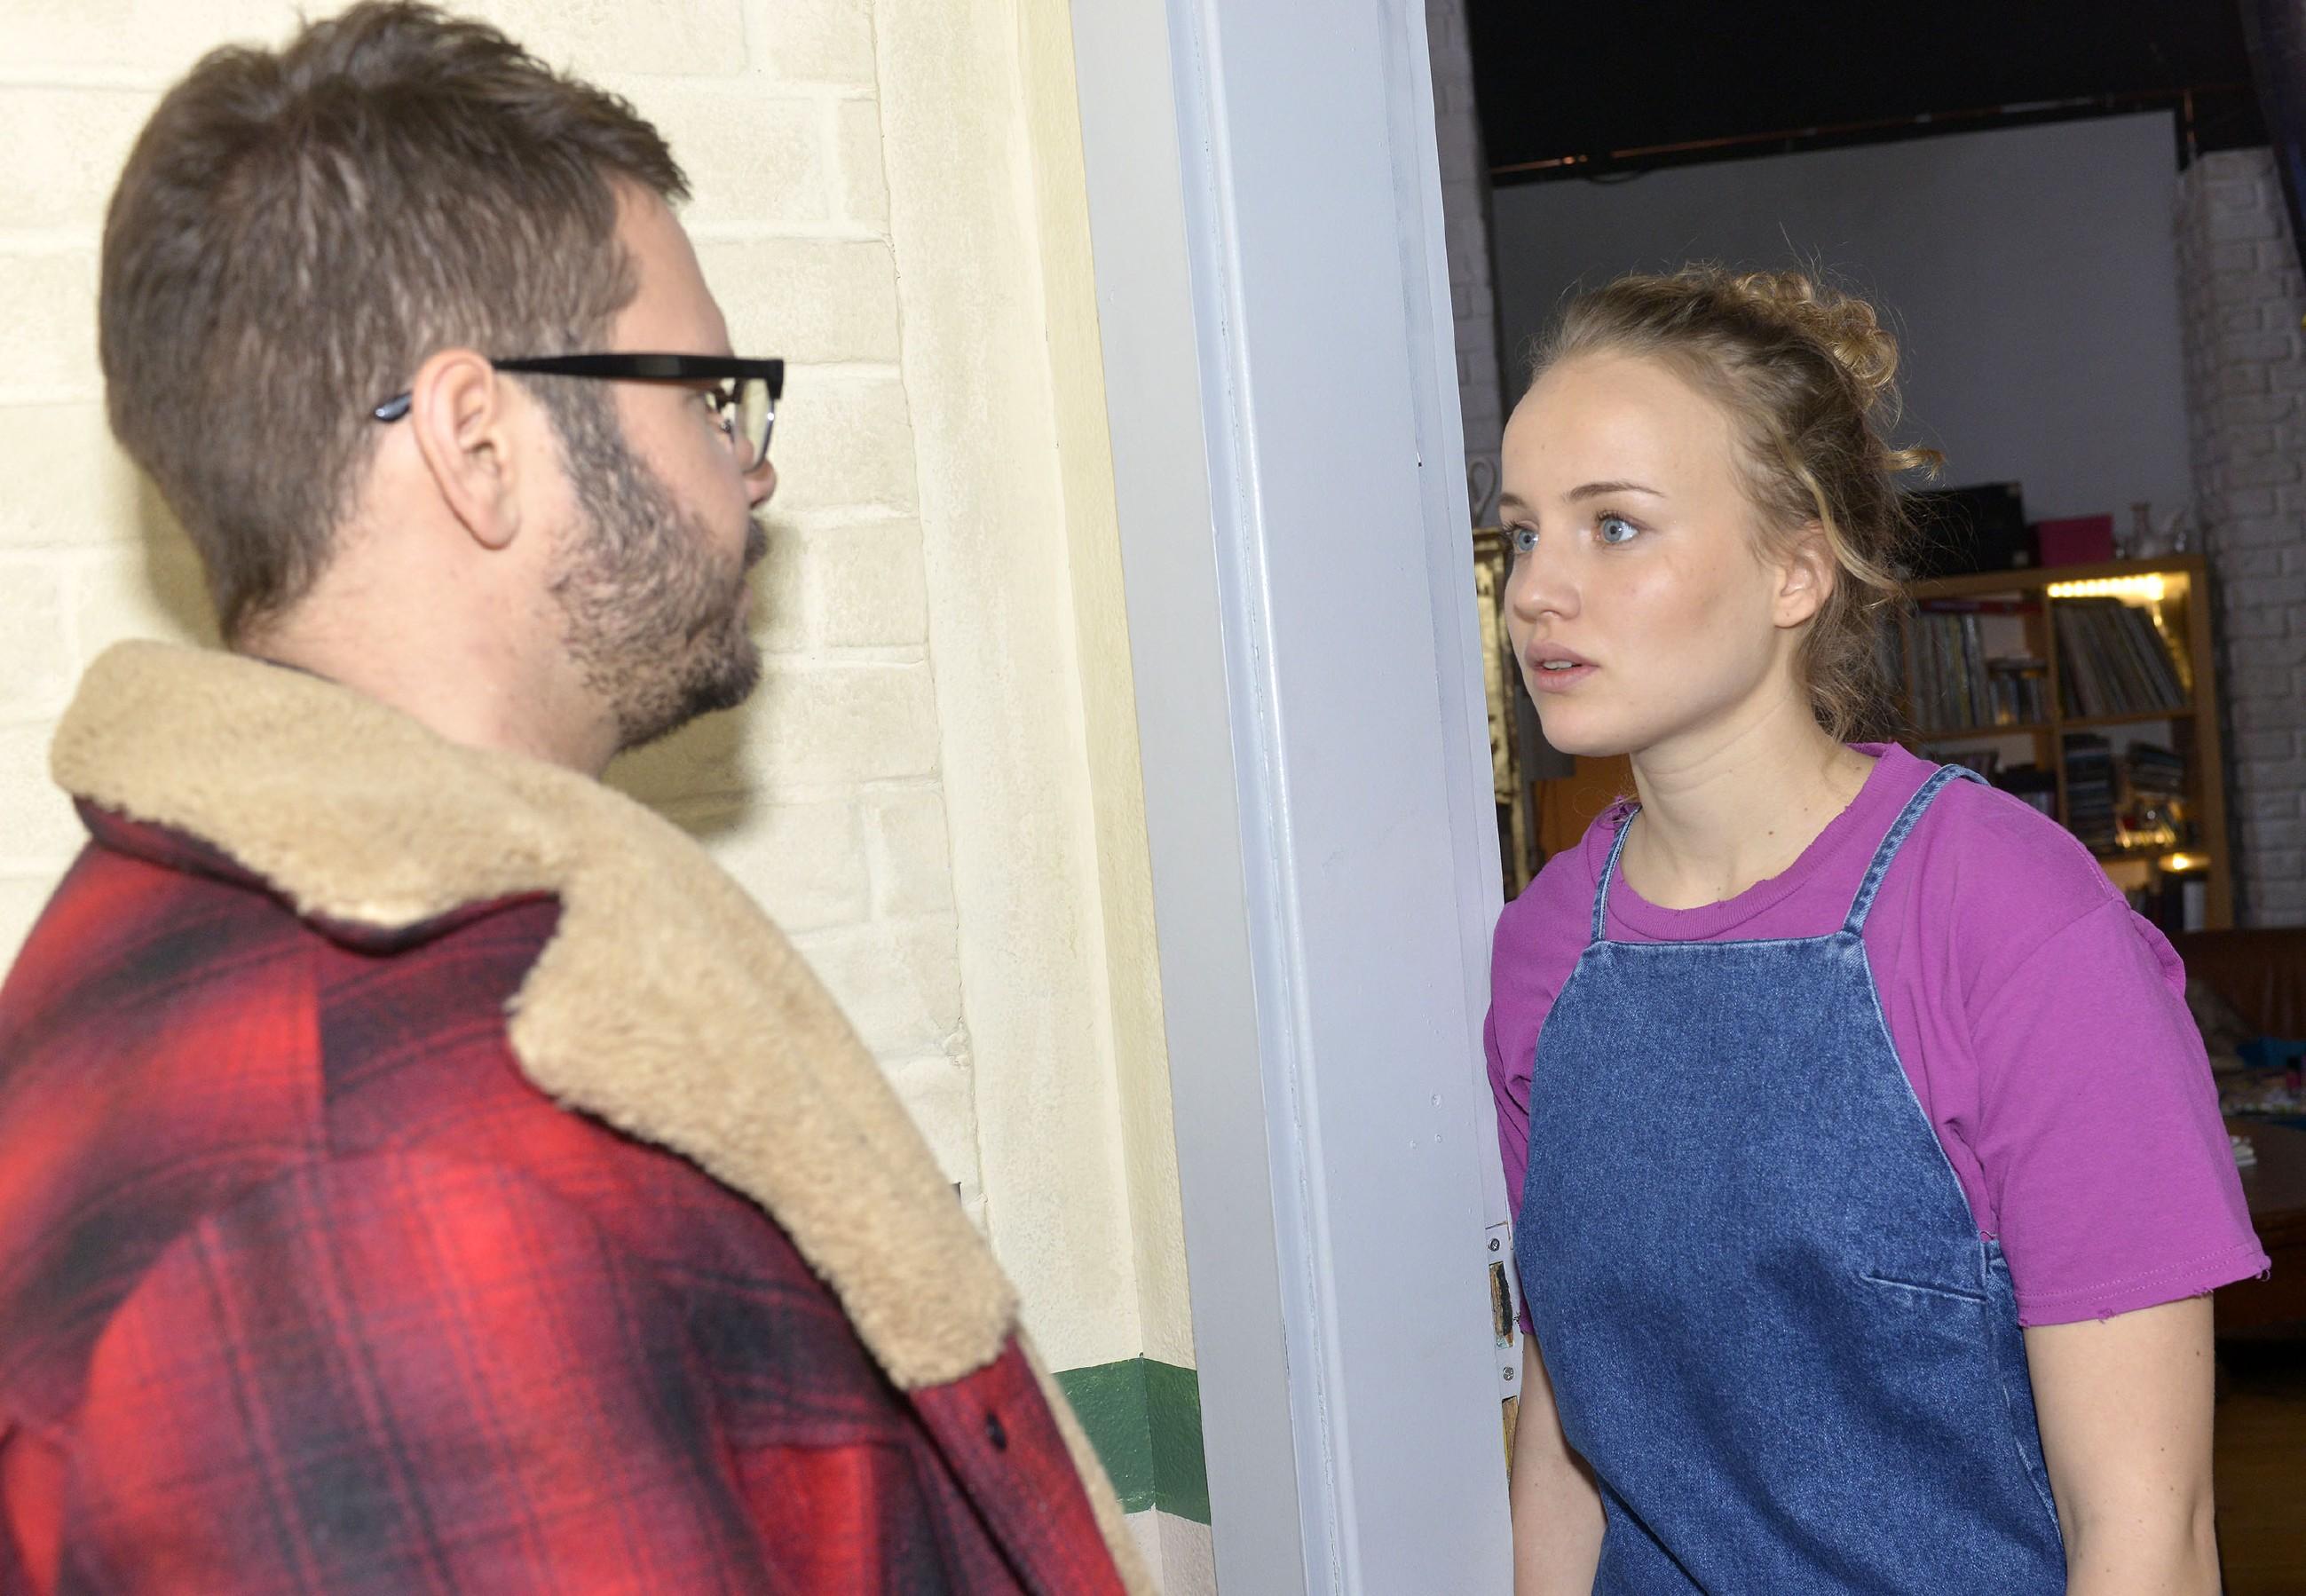 Jule (Luise von Finckh) fühlt sich von Tuner (Thomas Drechsel) ungerecht behandelt und statt seine Haltung zu akzeptieren, schlägt Jules Enttäuschung in Trotz um... (Quelle: RTL / Rolf Baumgartner)